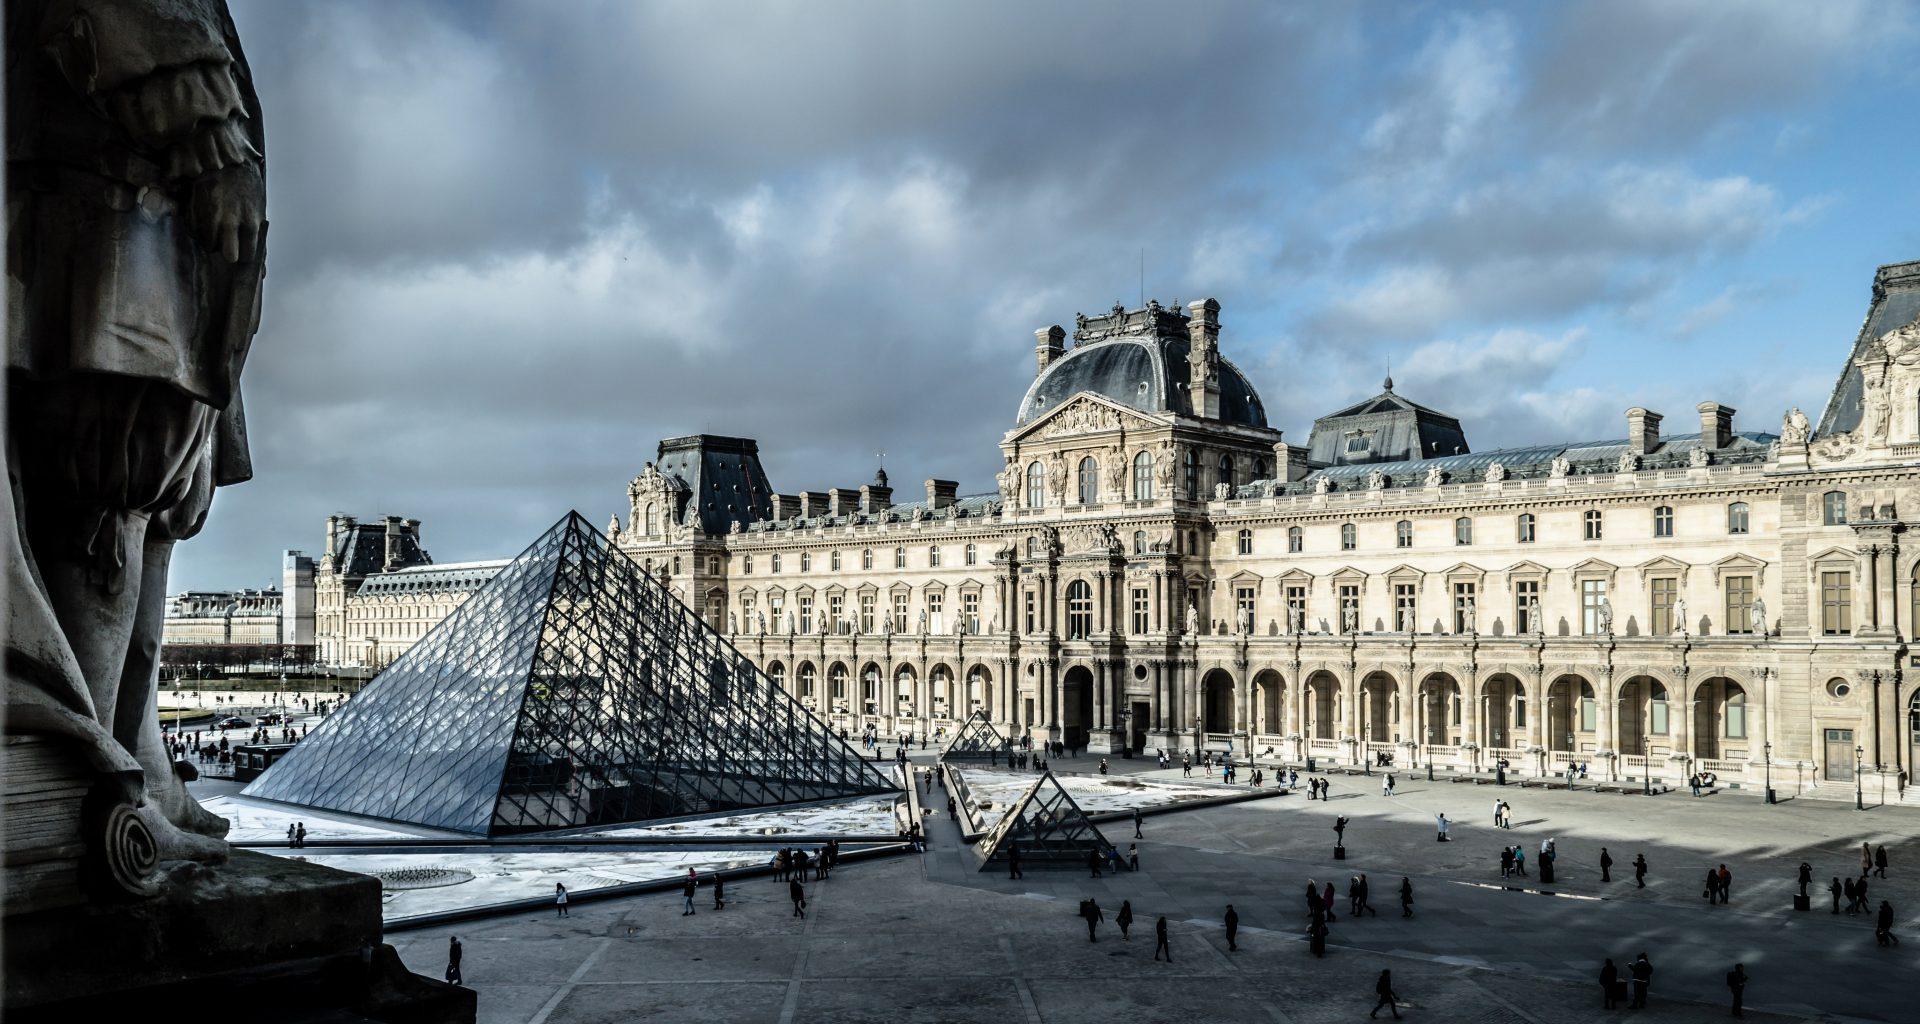 Combien de temps pour visiter le Louvre? Comment visiter le Louvre sans faire la queue